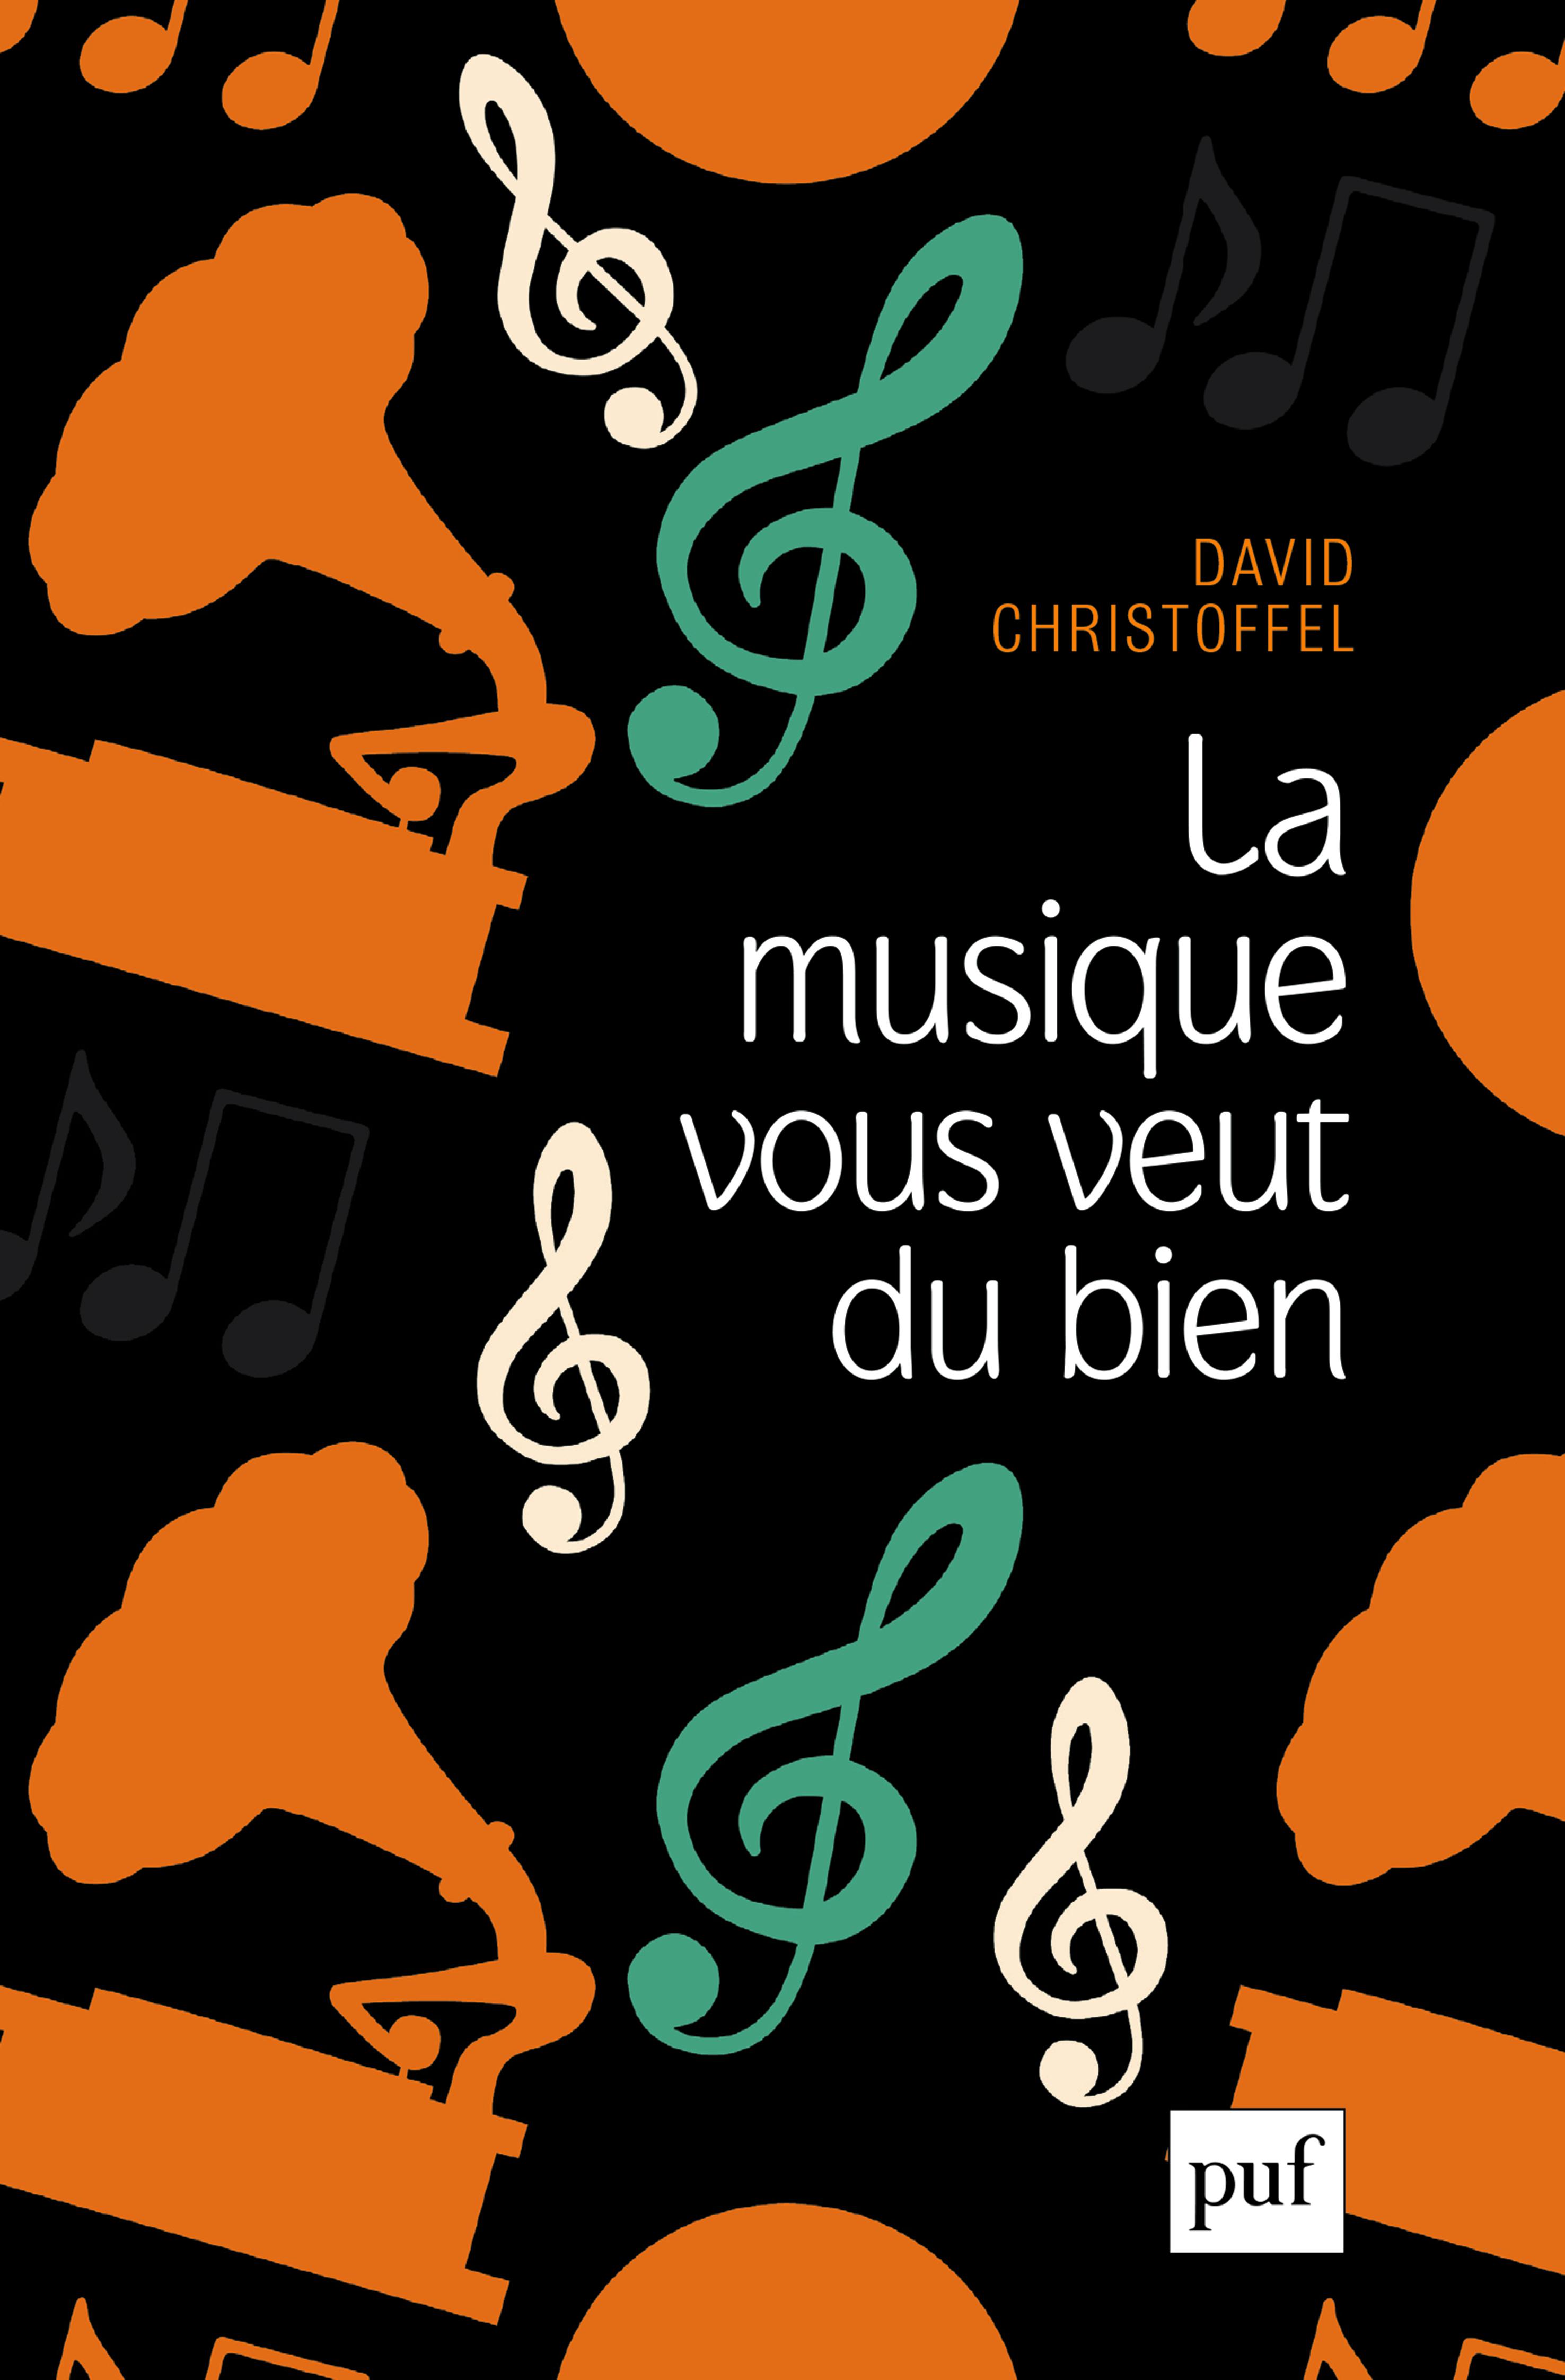 La musique vous veut du bien - David Christoffel - Hors collection - Format  Physique et Numérique   PUF